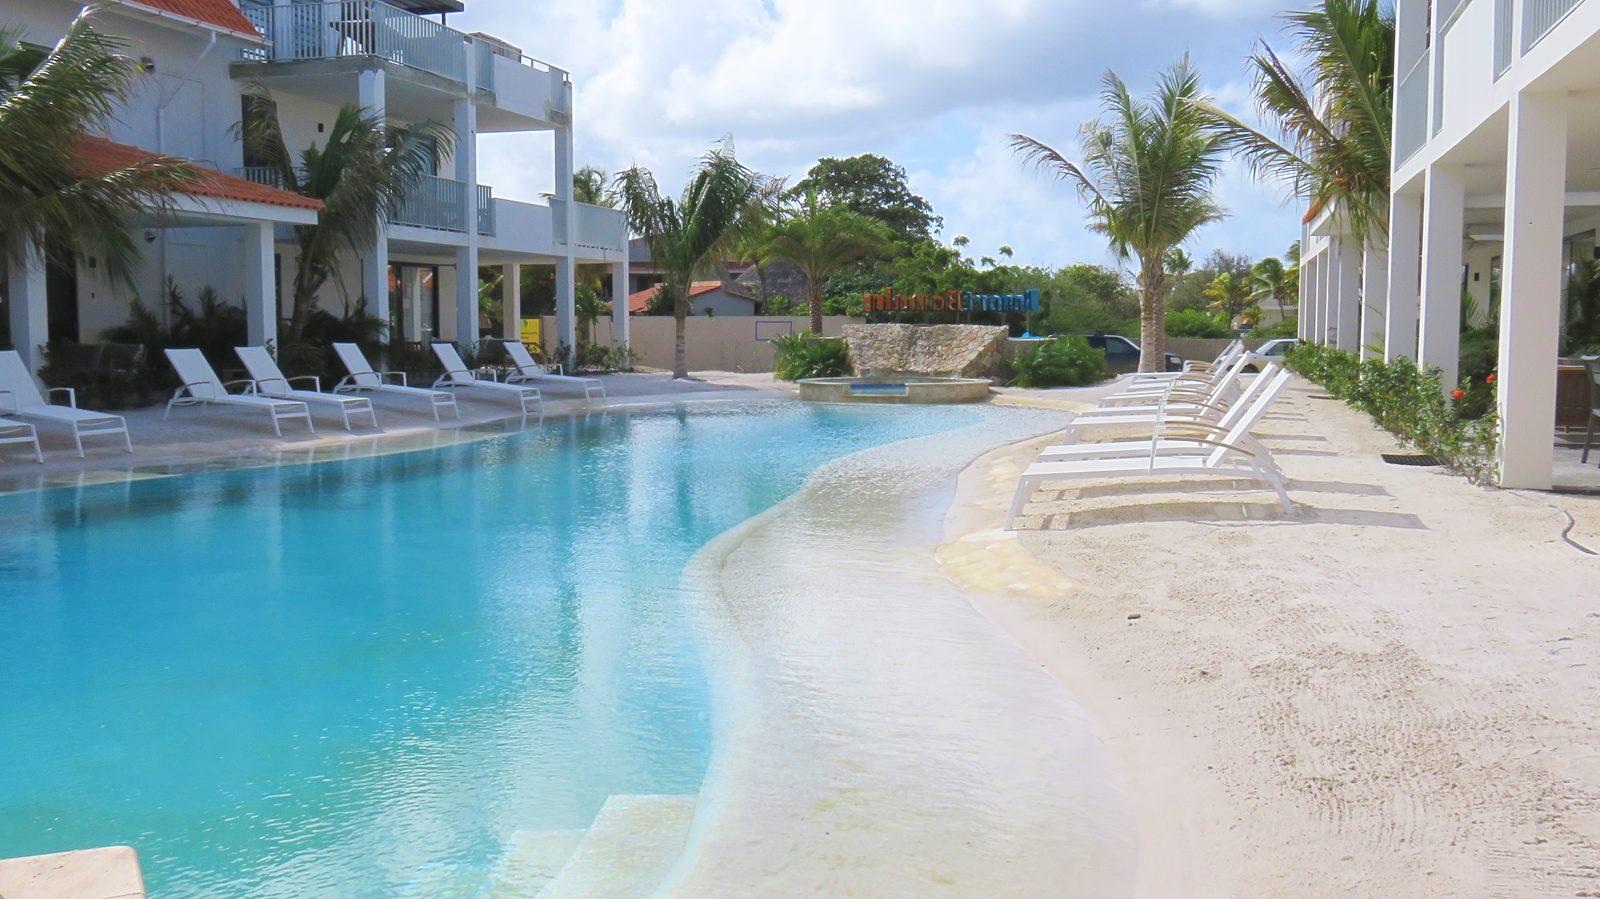 Nehmen Sie den Swimming-Pool im Resort Bonaire in Augenschein. An diesem Strand-Pool können Sie entspannen und das Wetter genießen. Auch die Kinder werden hier eine tolle Zeit verbringen.